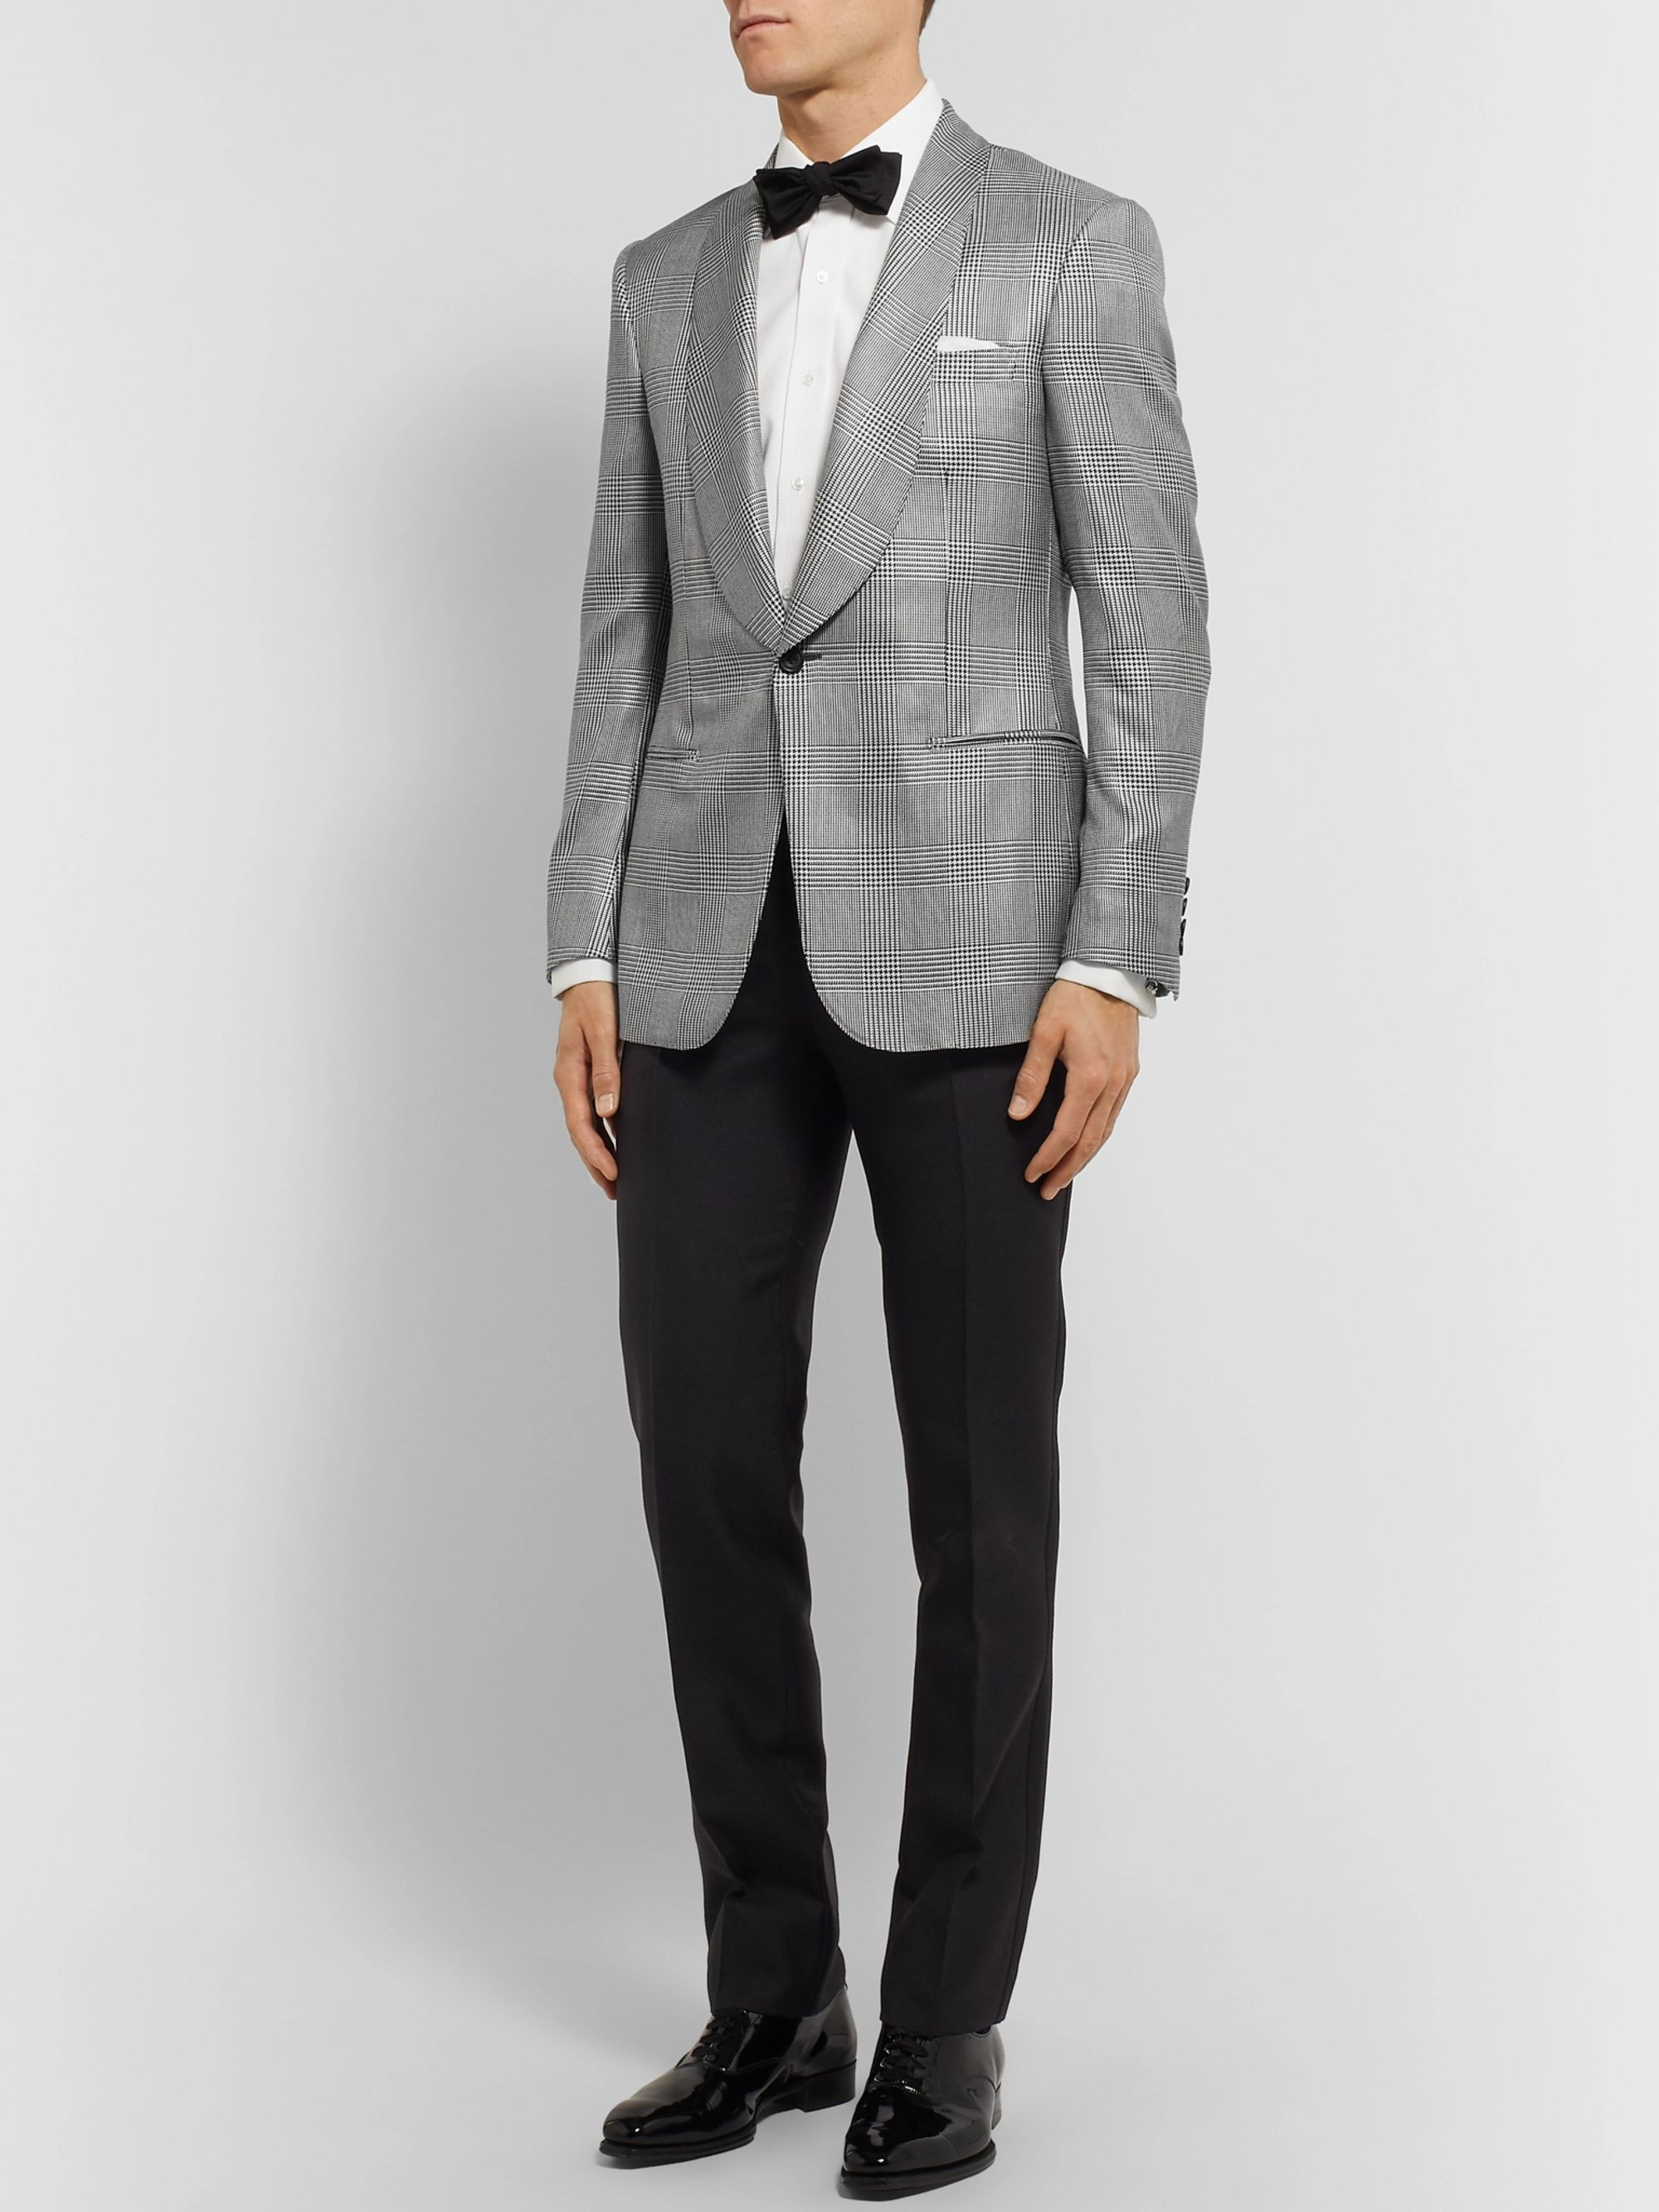 Men's Tuxedos | Designer Menswear | MR PORTER